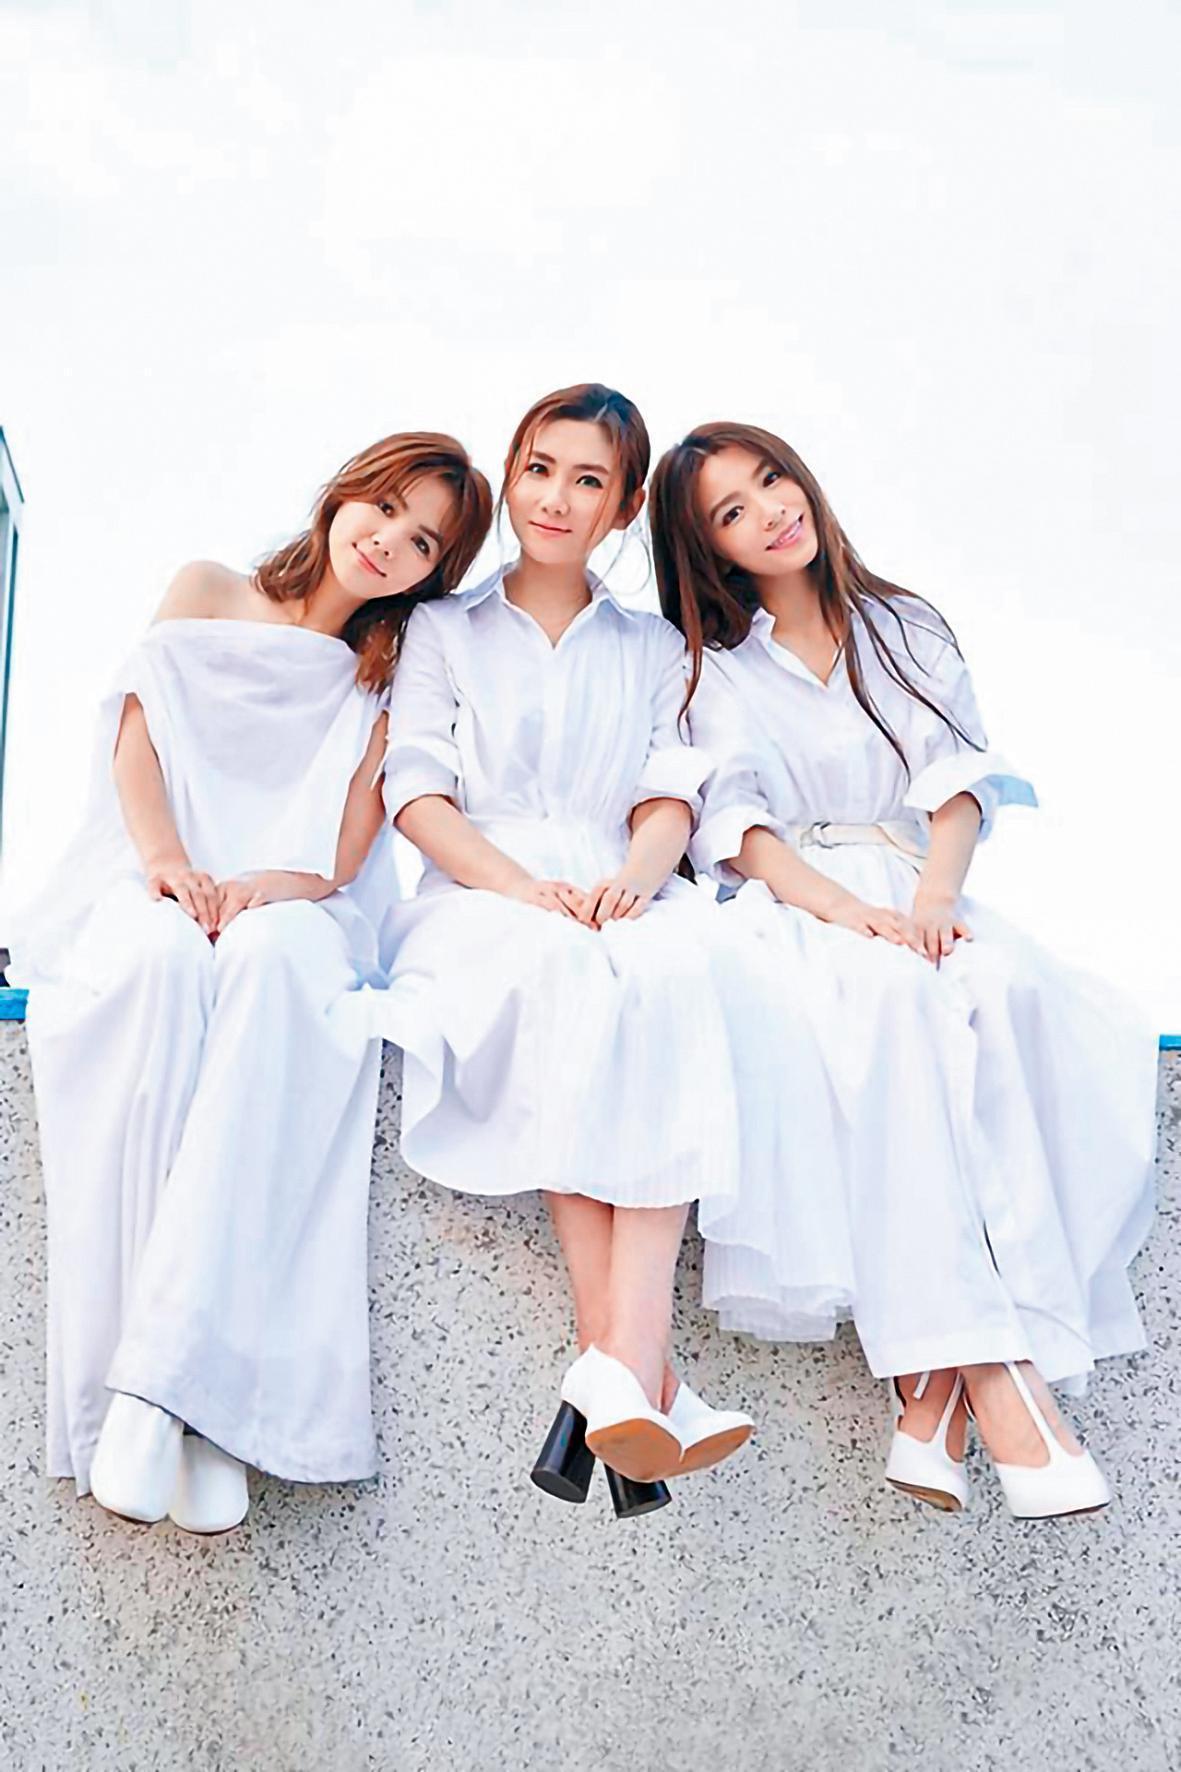 S.H.E出道17週年,演唱吳青峰量身打造的新歌〈十七〉,描述3人一路扶持至今的好交情。(翻攝自S.H.E臉書)